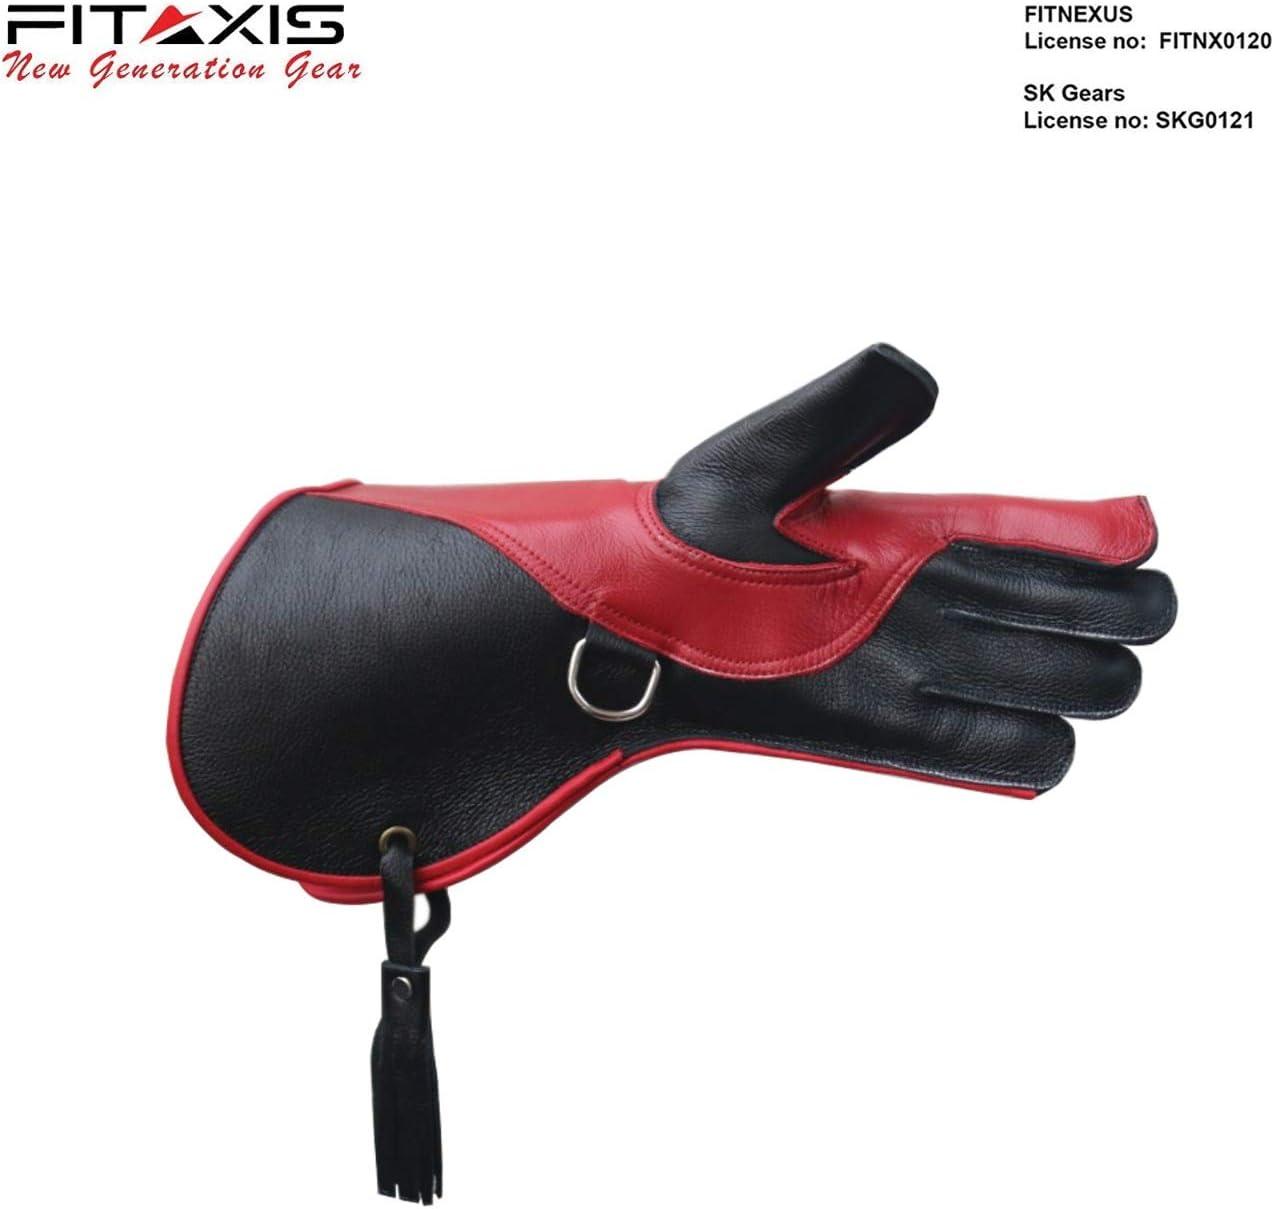 tama/ño 13.5-L FITAXIS Color Rojo y Negro Guantes de halc/ón de Doble Piel para Uso en Clima fr/ío Mano Izquierda